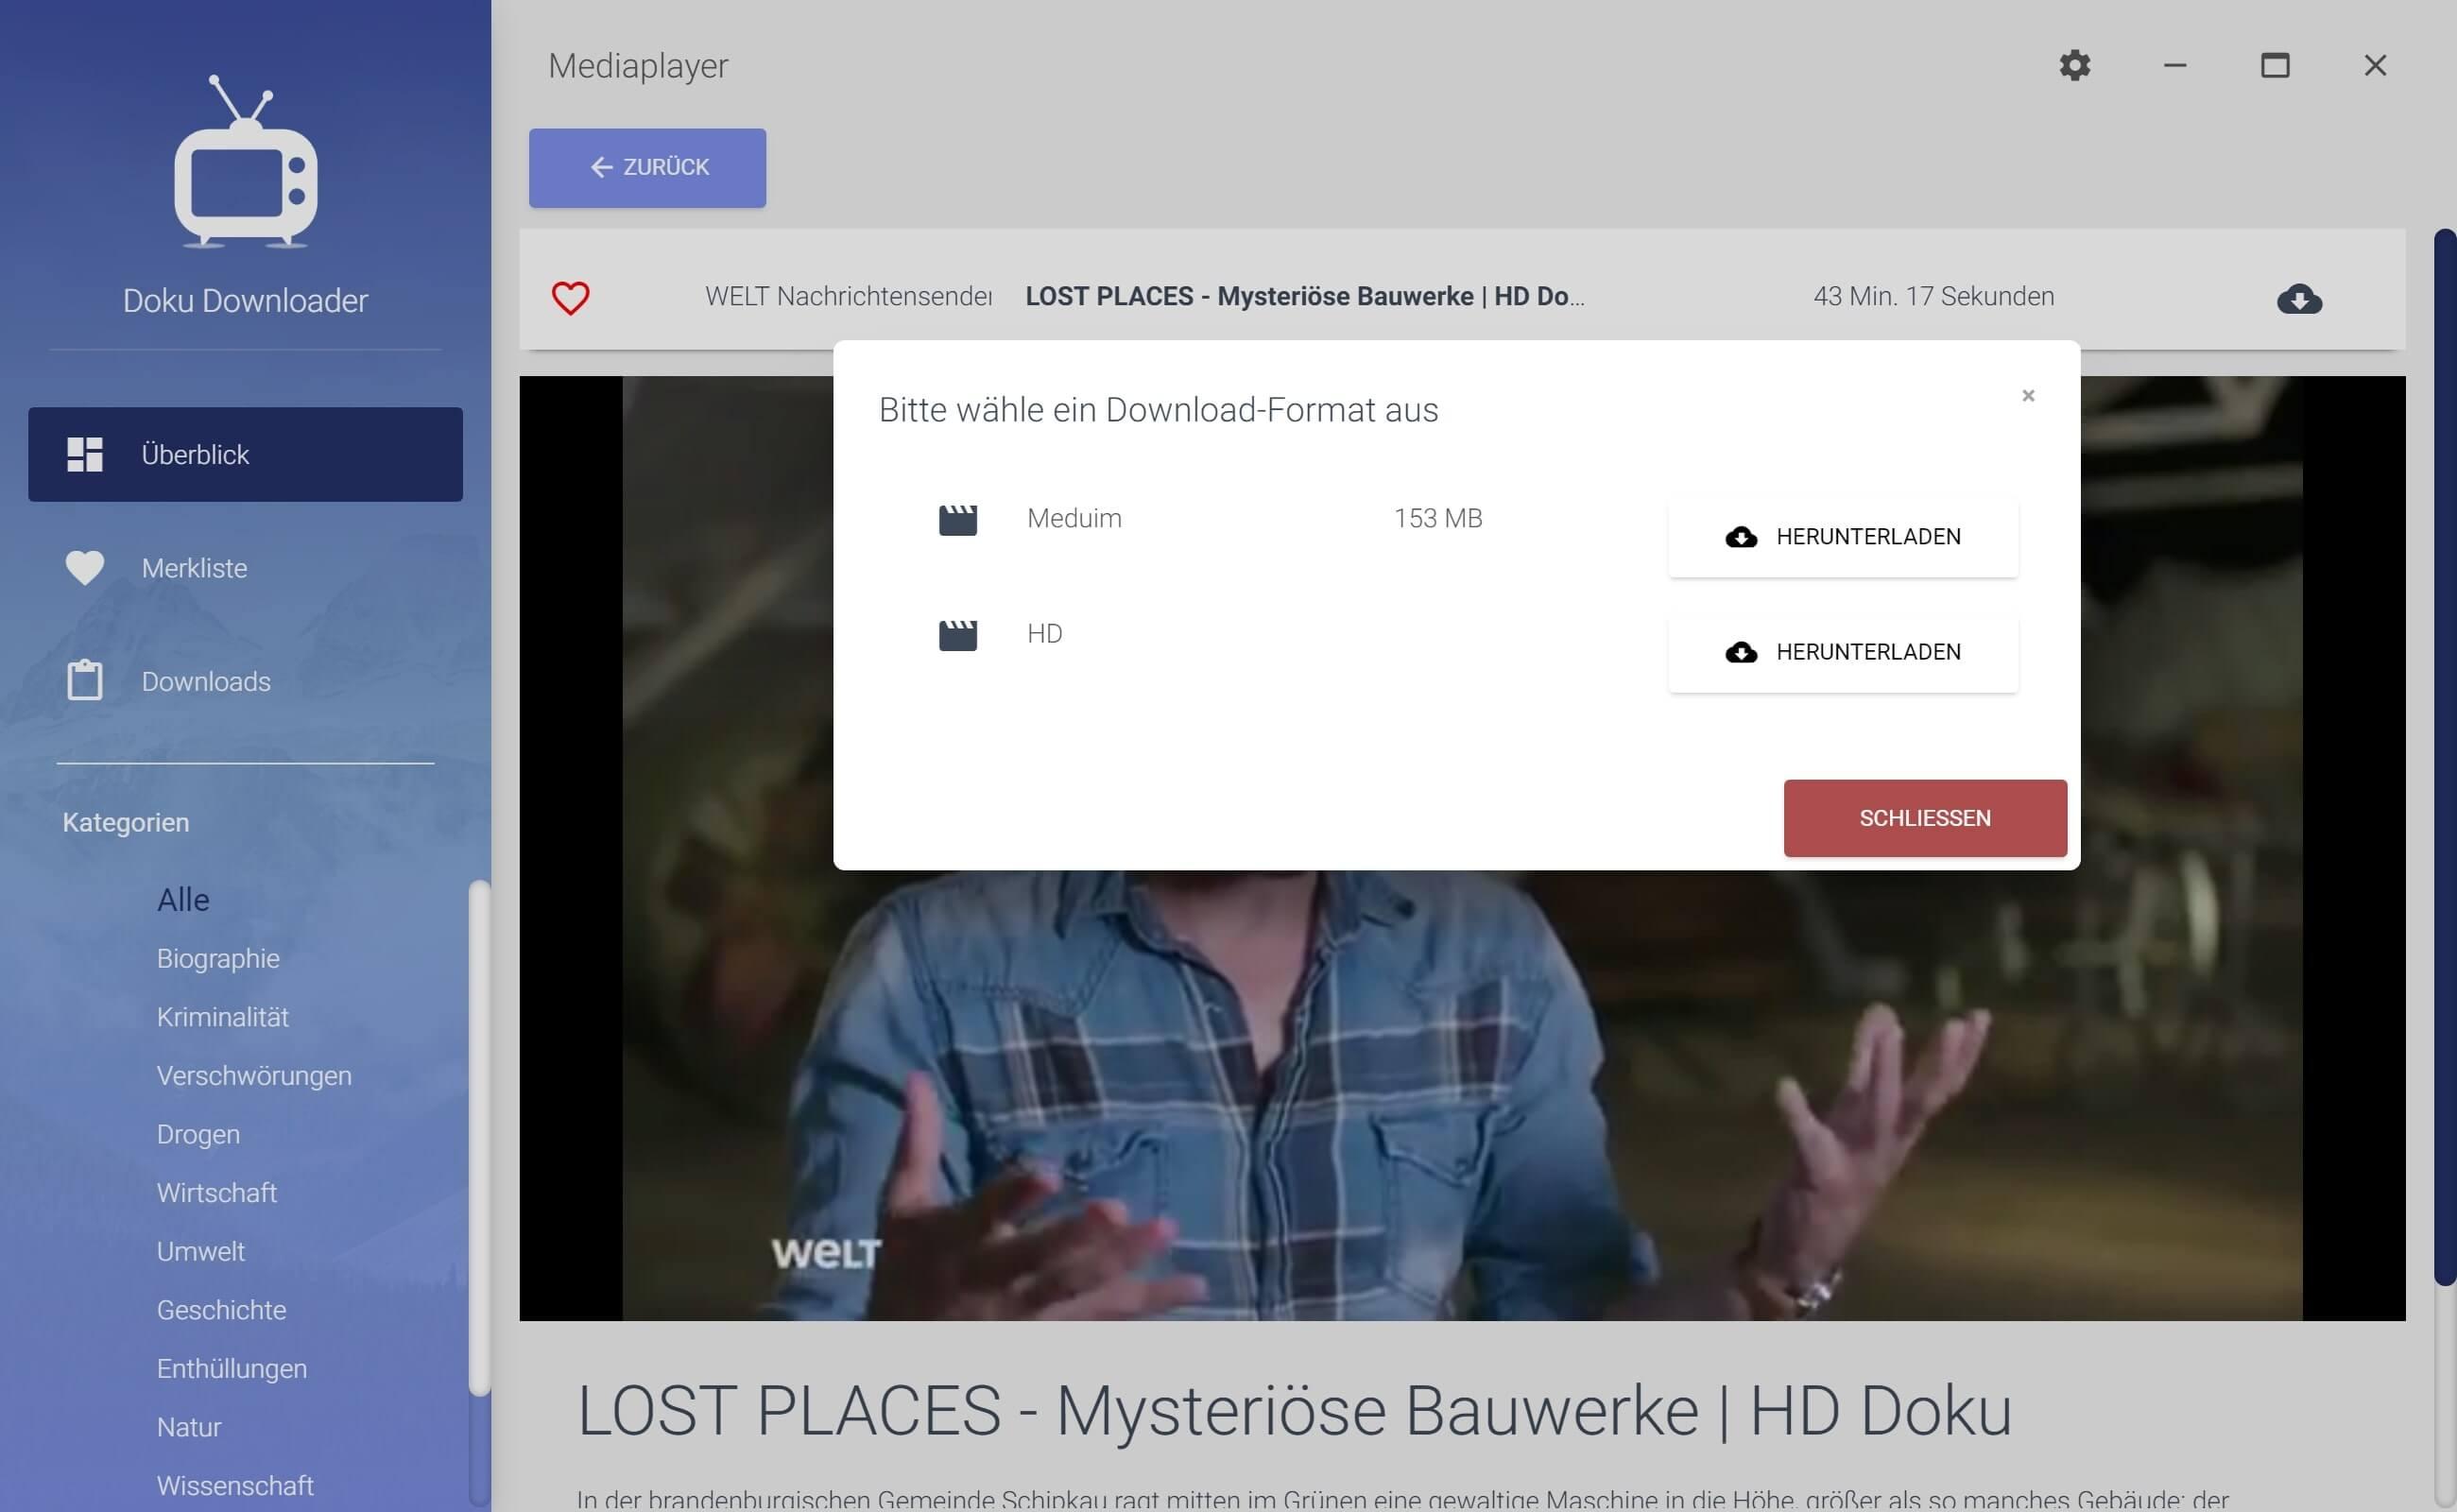 Youtube Dokumentationen herunterladen - Downloadformat auswählen